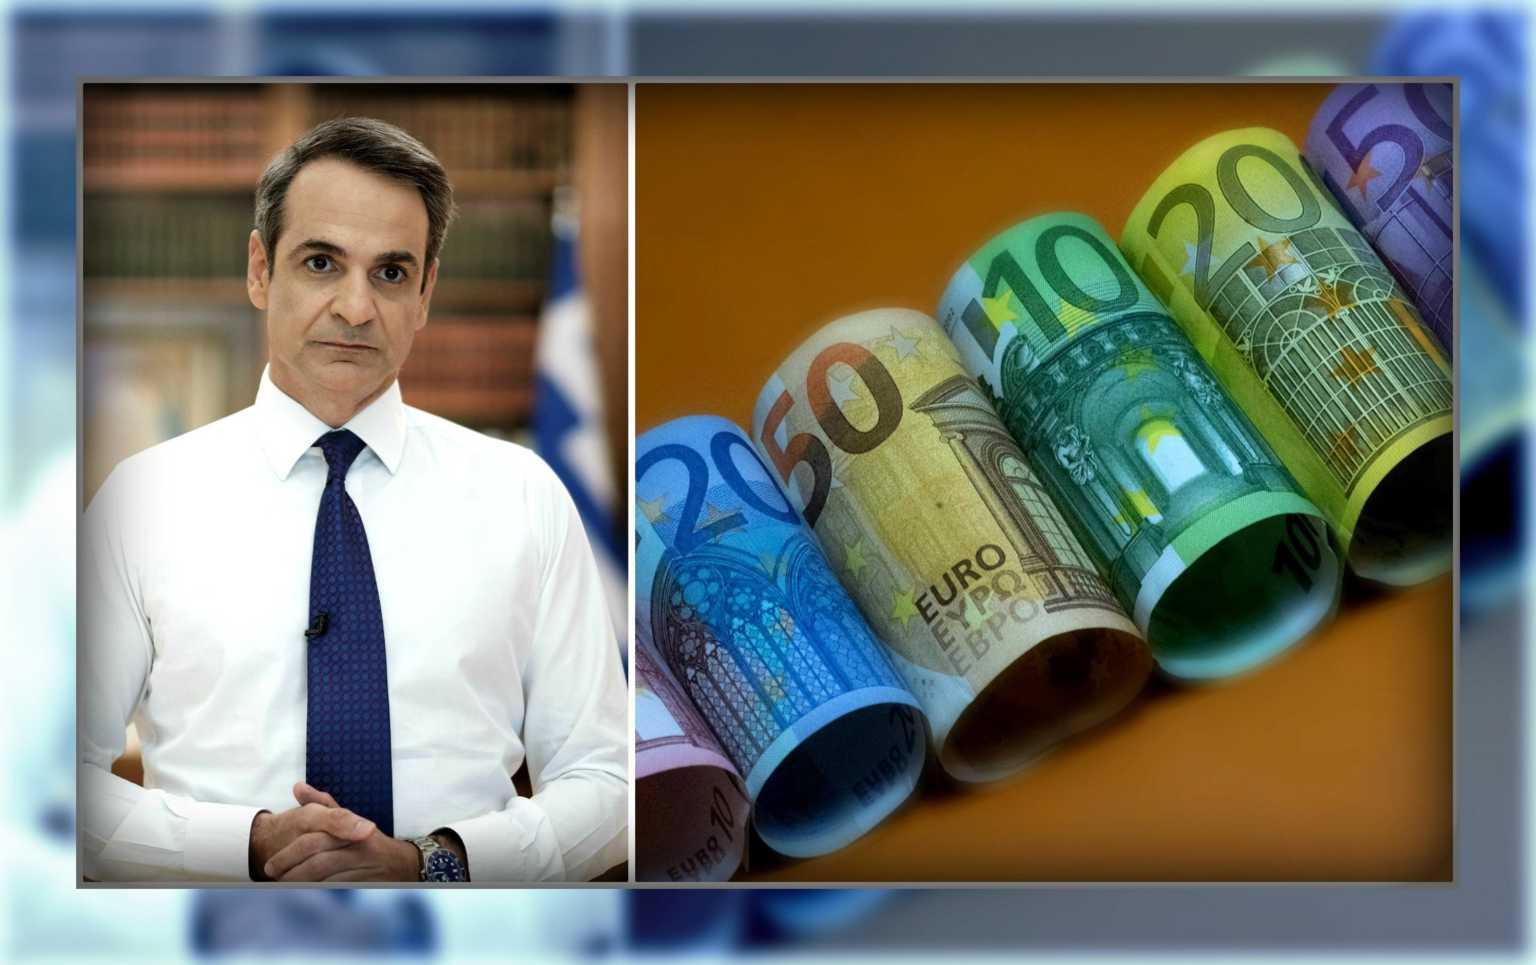 Μητσοτάκης: Το… πάτησε – Πακέτο 24 δισ. ευρώ για τη στήριξη του τουρισμού και την ανάταξη της οικονομίας